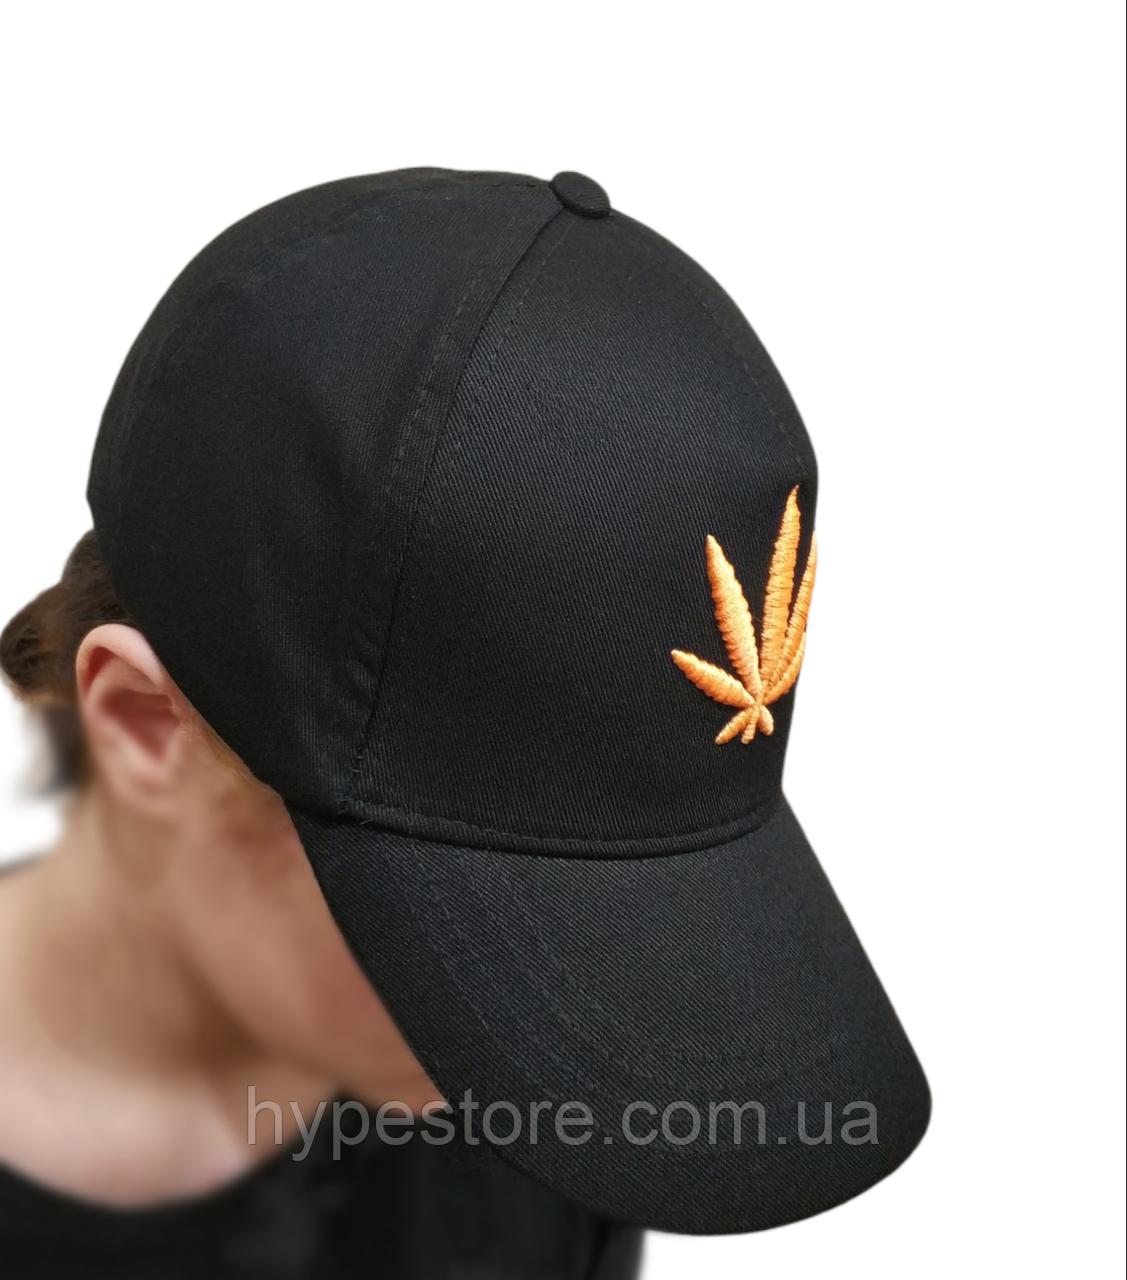 Кепка бейсболка унисекс, конопля канабис марихуана